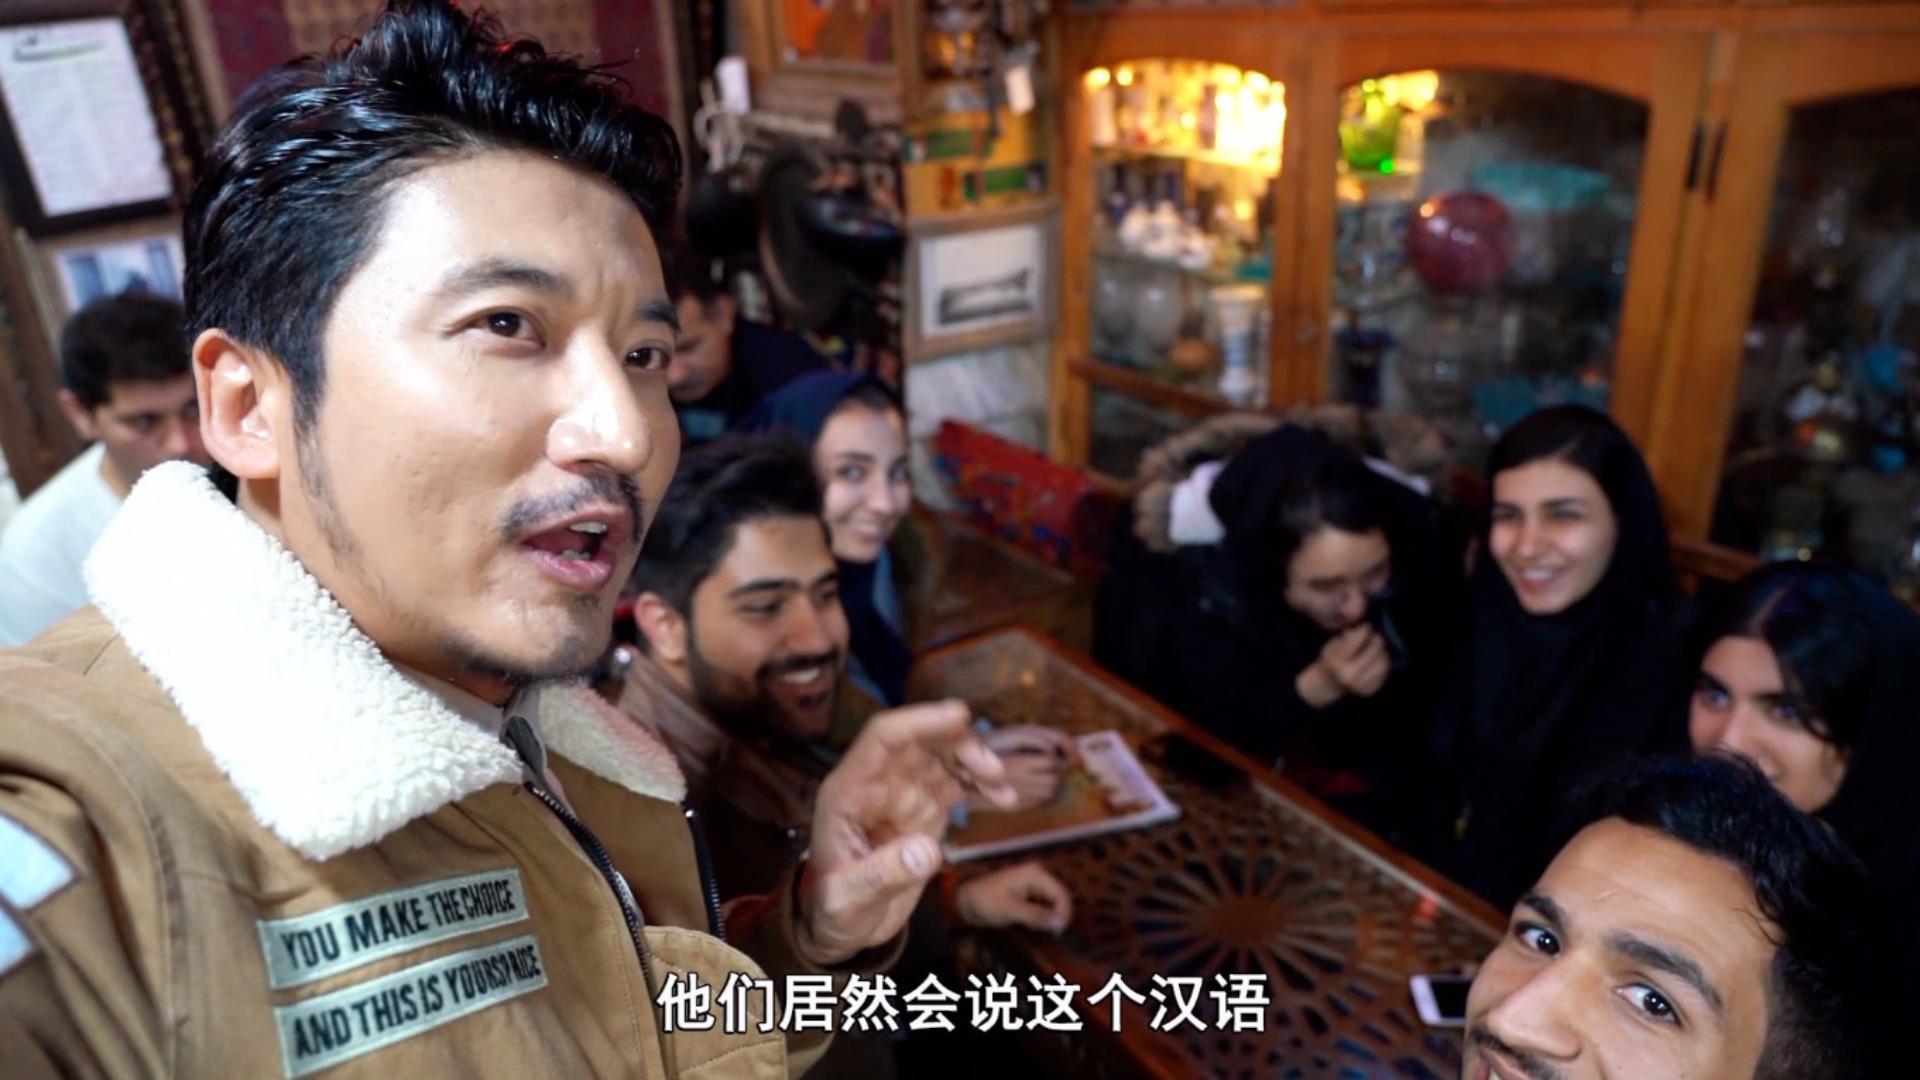 雷探长探秘伊朗娱乐场所,当地学生主动打招呼,个个都是中国通